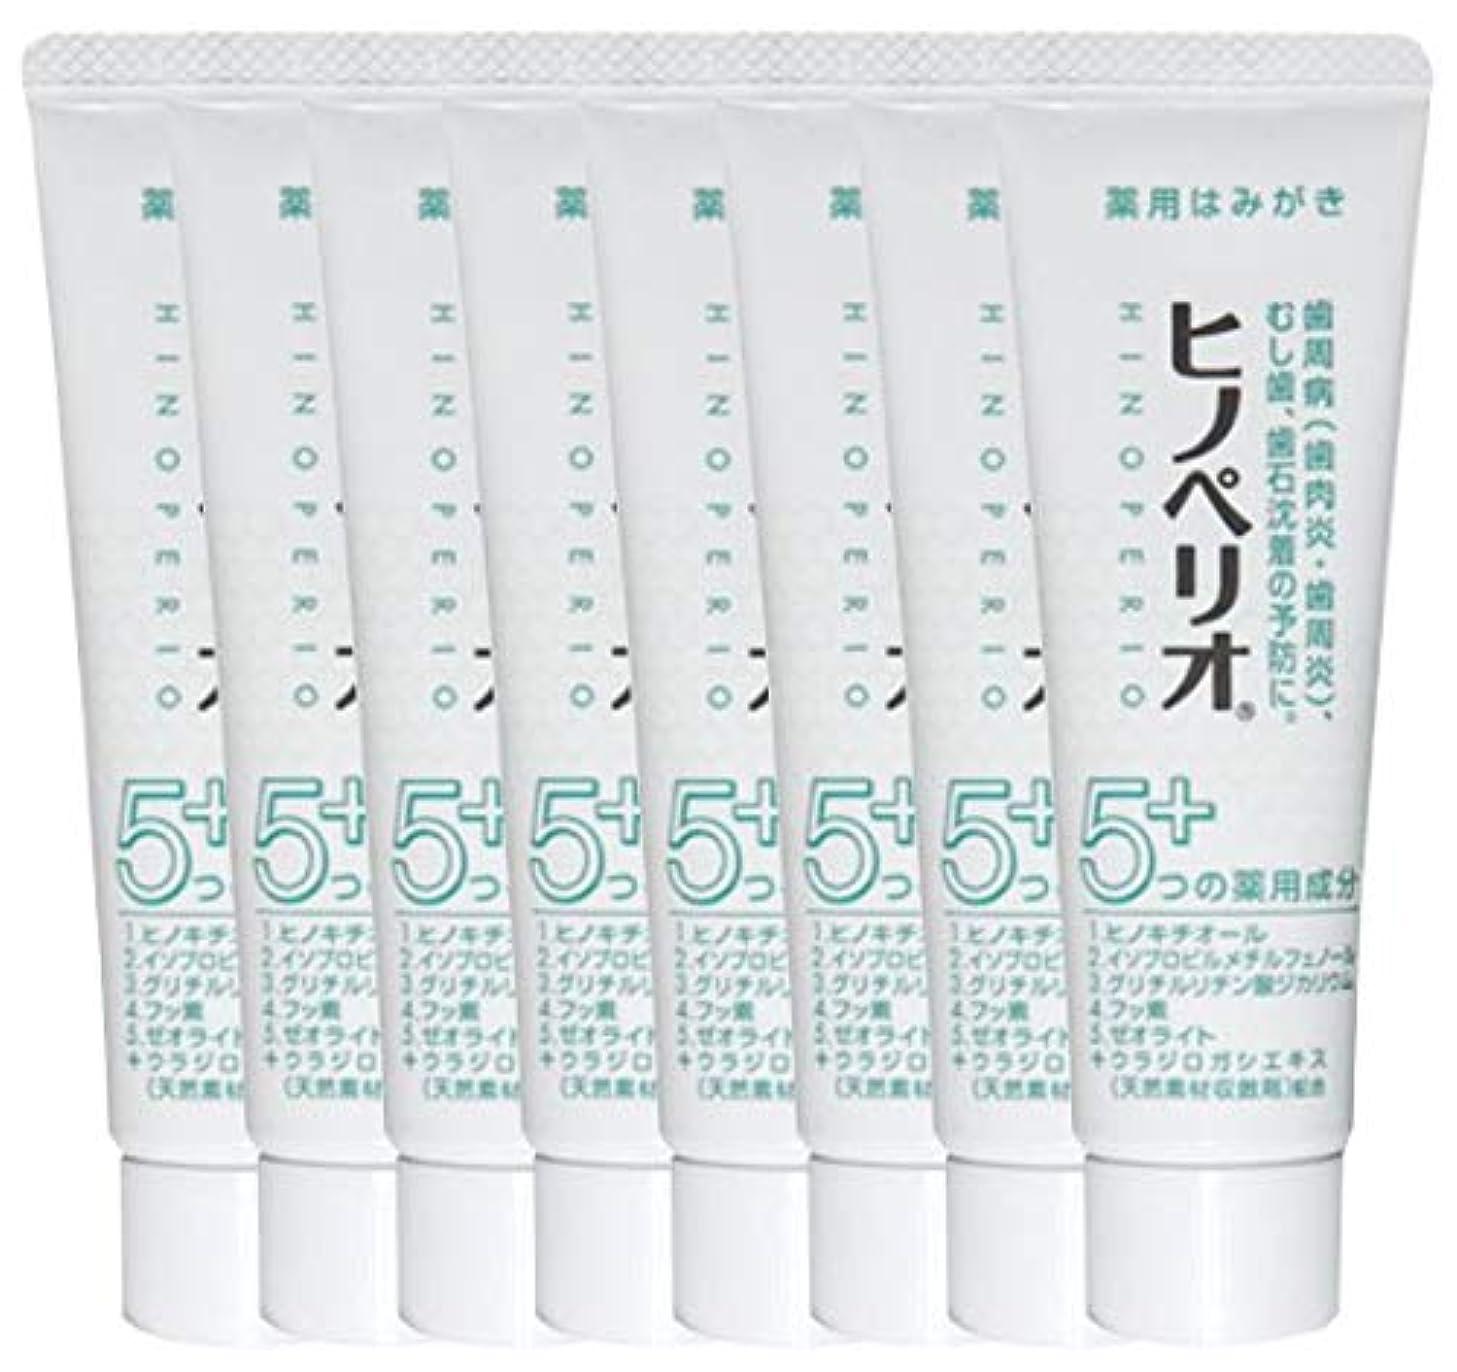 それにもかかわらず溝小さい昭和薬品 ヒノペリオ60g 医薬部外品 × 8本